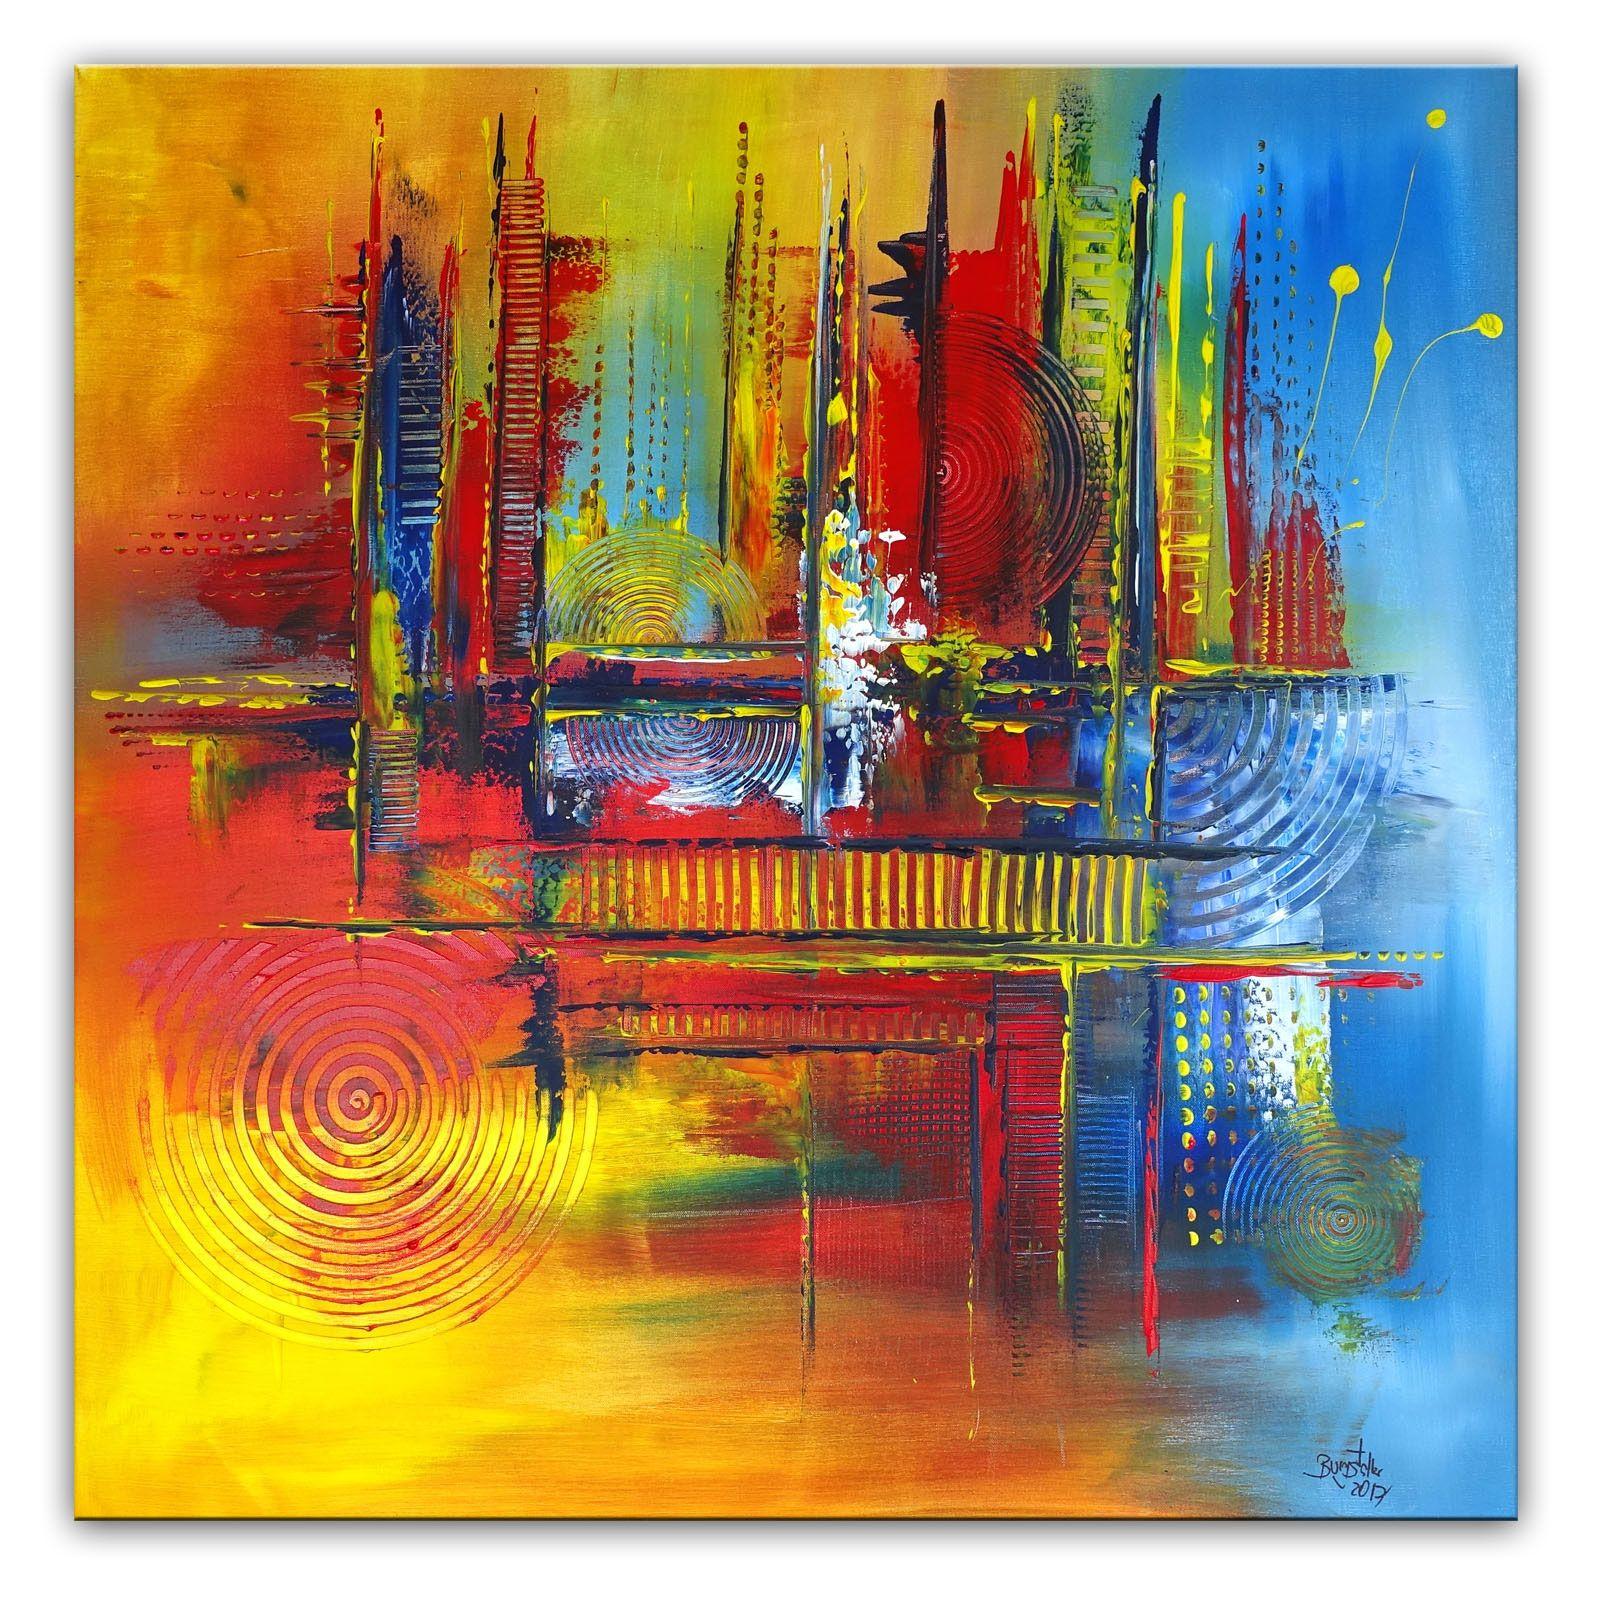 Herbstzeit Bild Gelb Blau Rot Abstraktes Wandbild Abstrakt